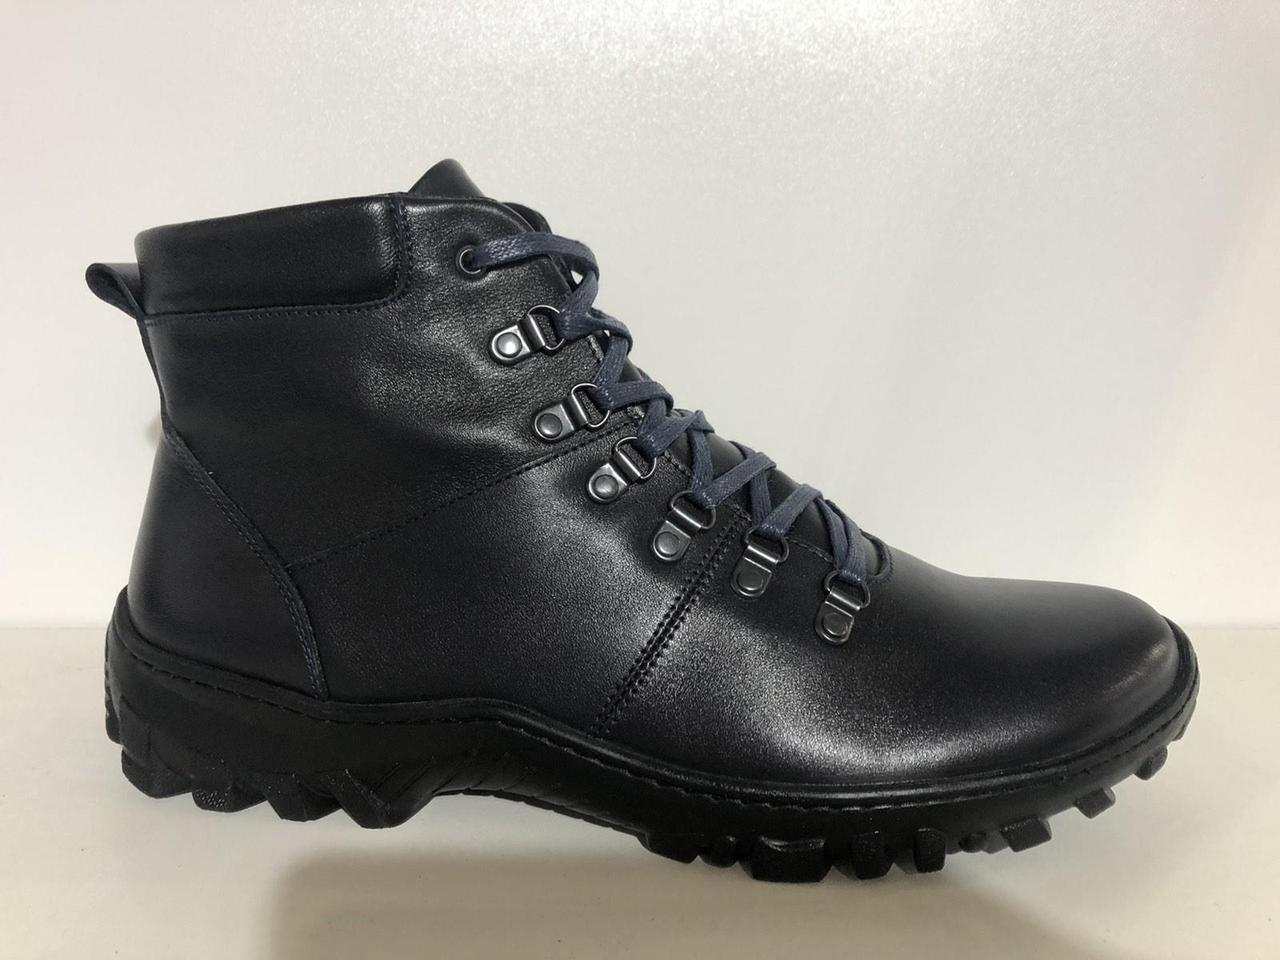 Зимние мужские ботинки больших размеров черные из натуральной кожи Berg 591/1